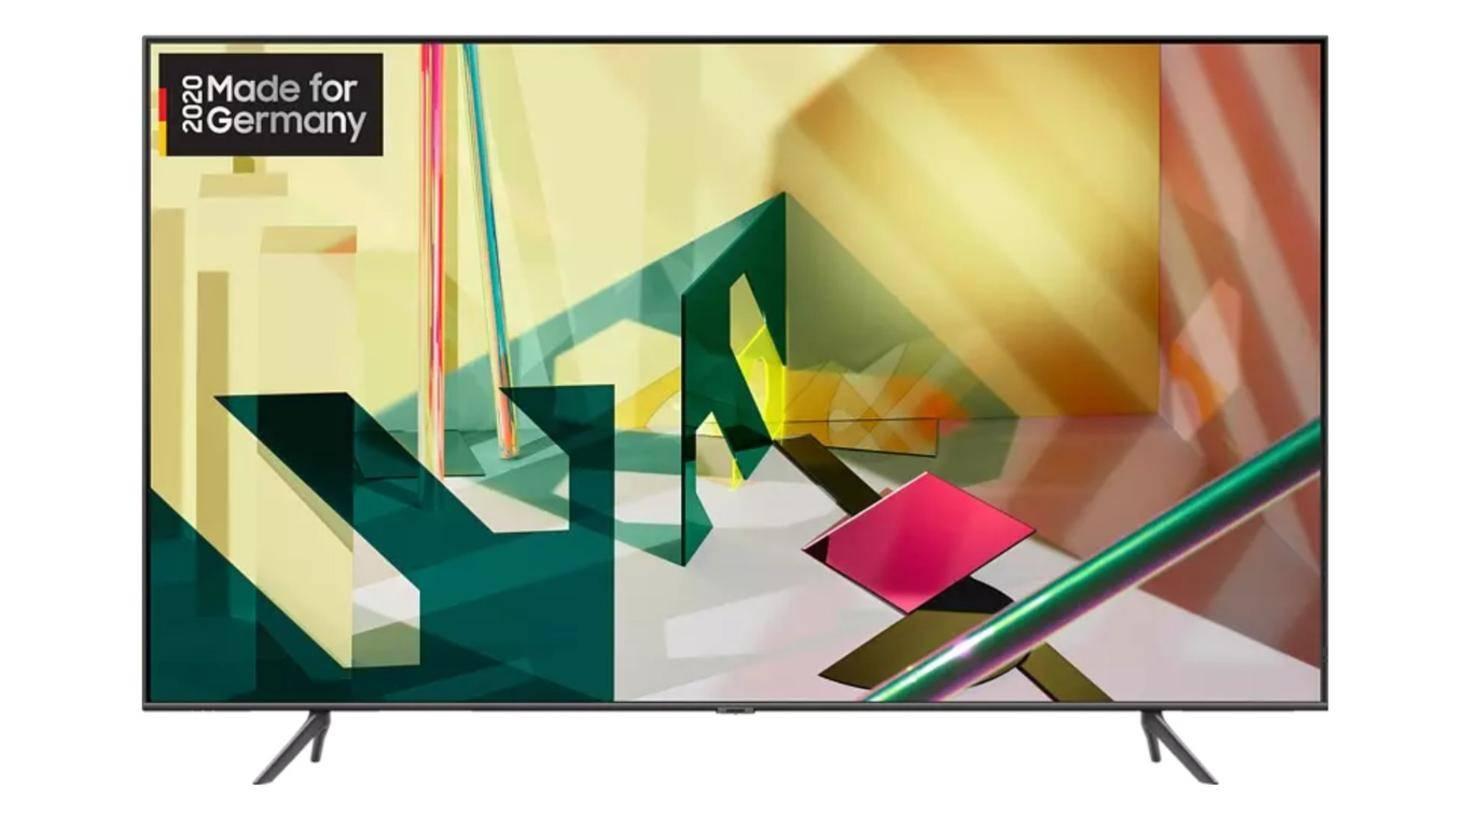 samsung-q70t-tv-fernseher